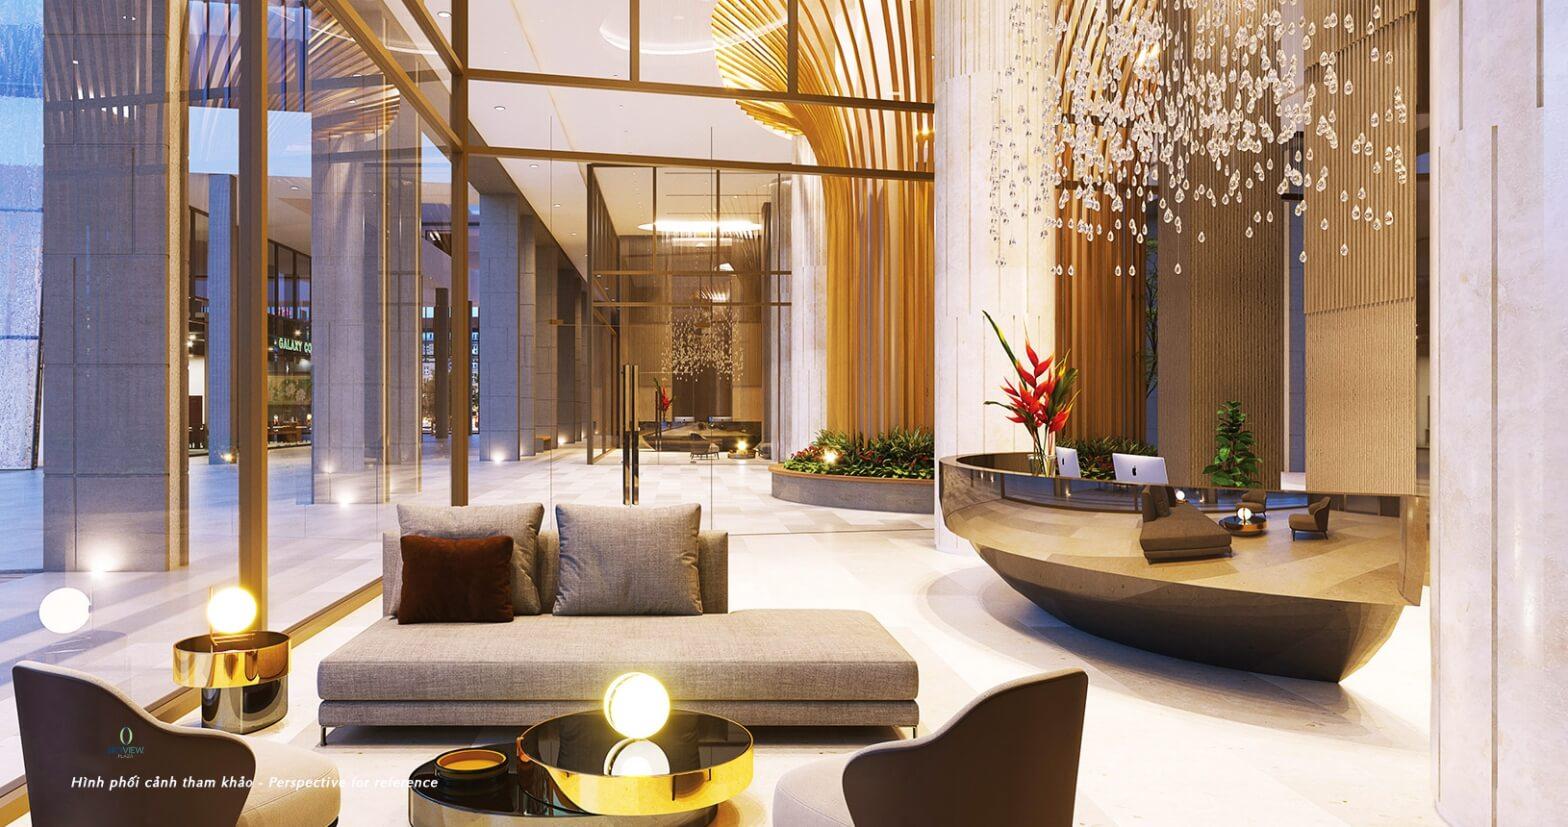 Sky View Plaza - Đoá sen vàng giữa lòng Thủ Đô